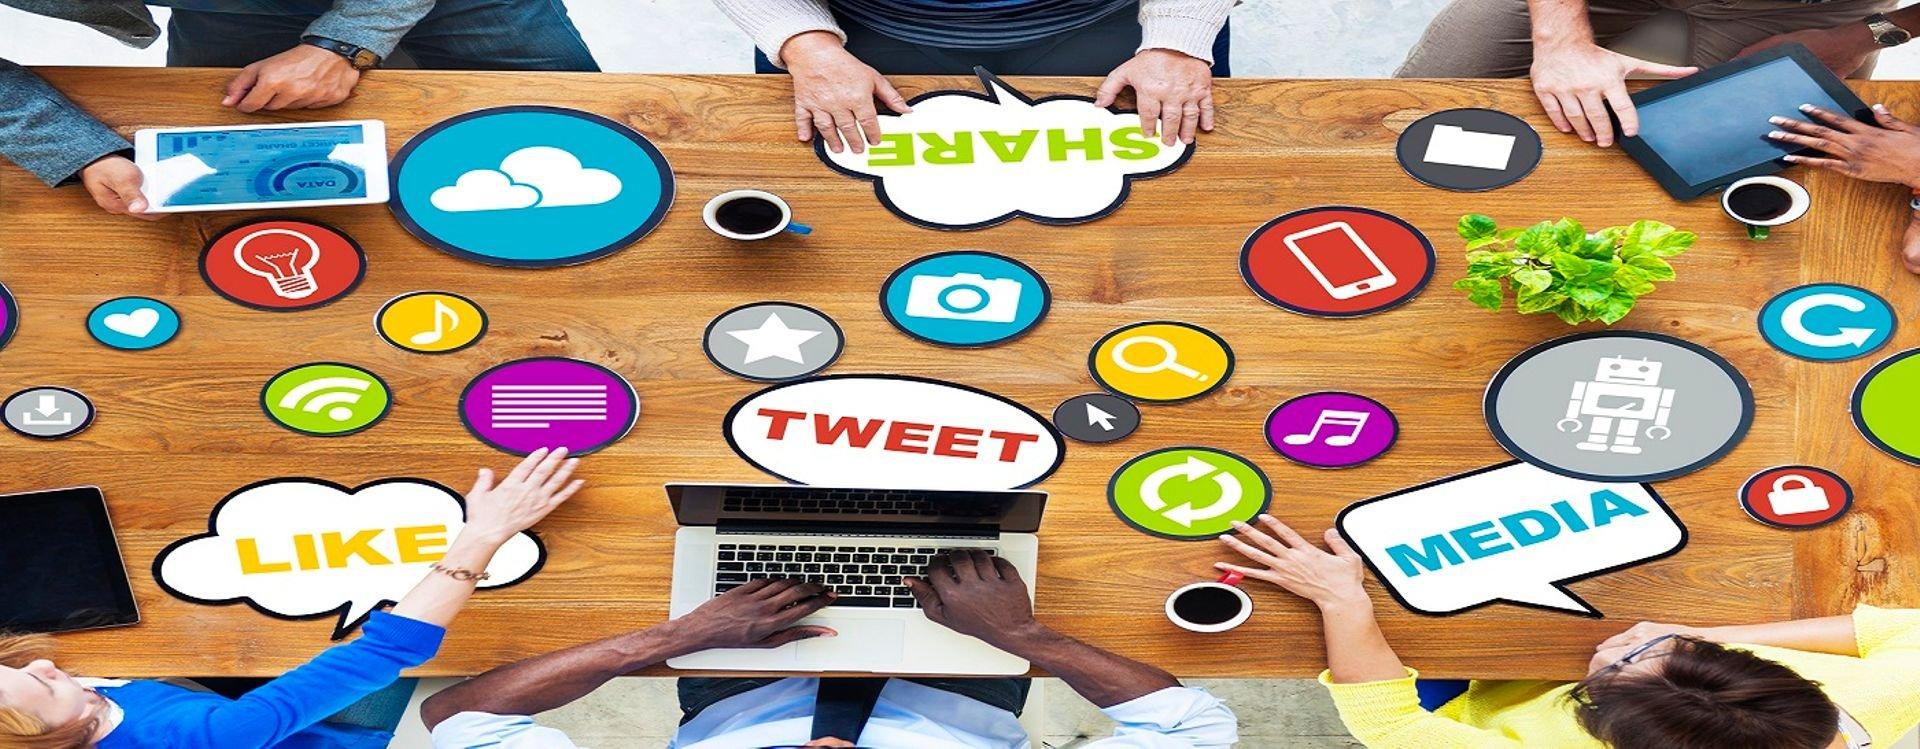 هل يؤدي استخدام فيس بوك أو تويتر إلى الاكتئاب؟! وكيف يمكن أن نتجنب الآثار السلبية لوسائل التواصل الاجتماعي؟